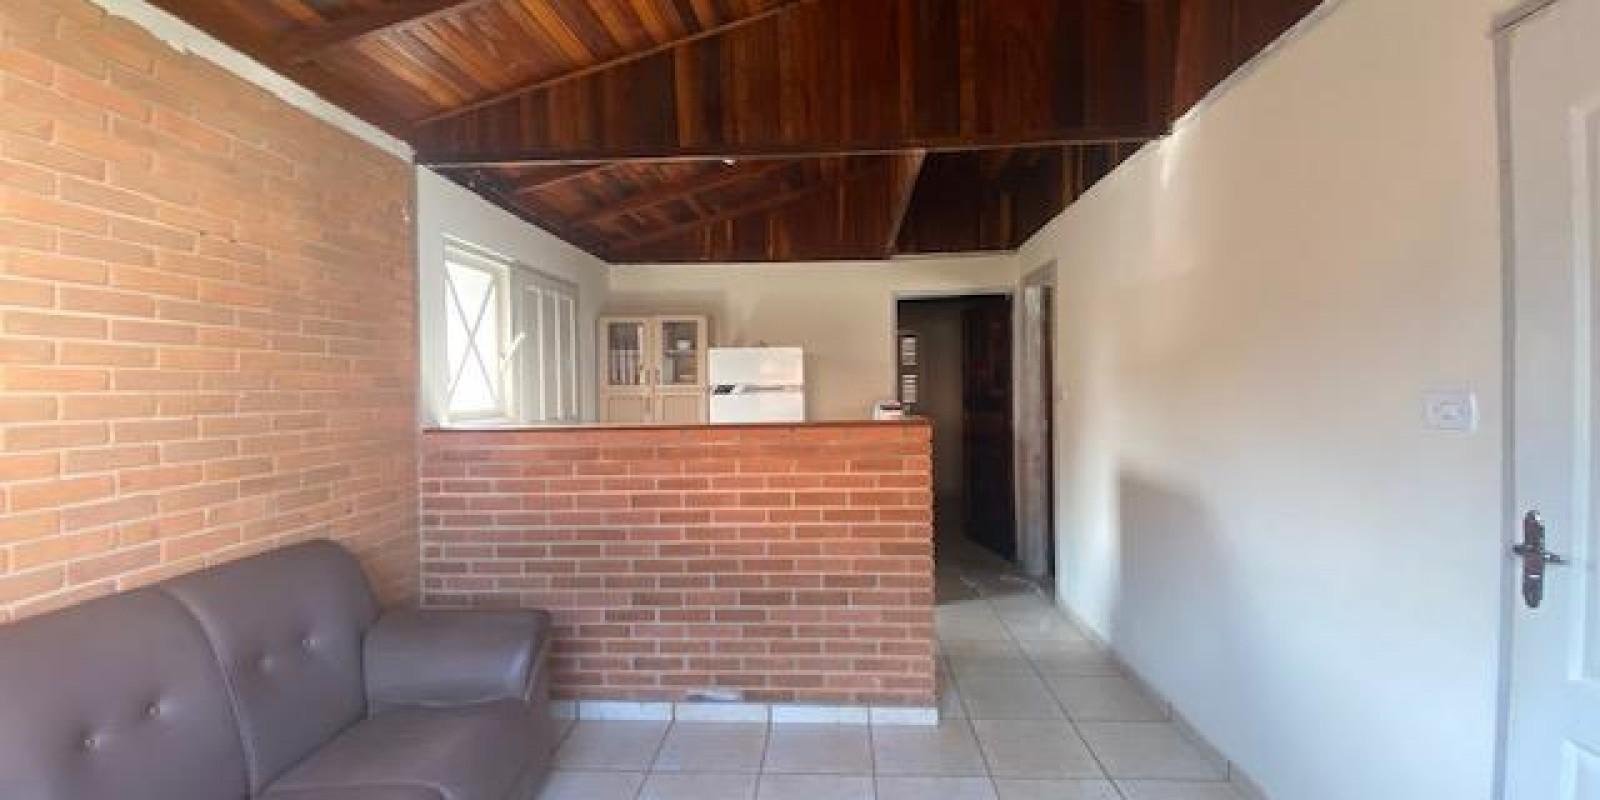 Casa na Represa no Condomínio Chale da Prainha em Avaré SP  - Foto 11 de 20